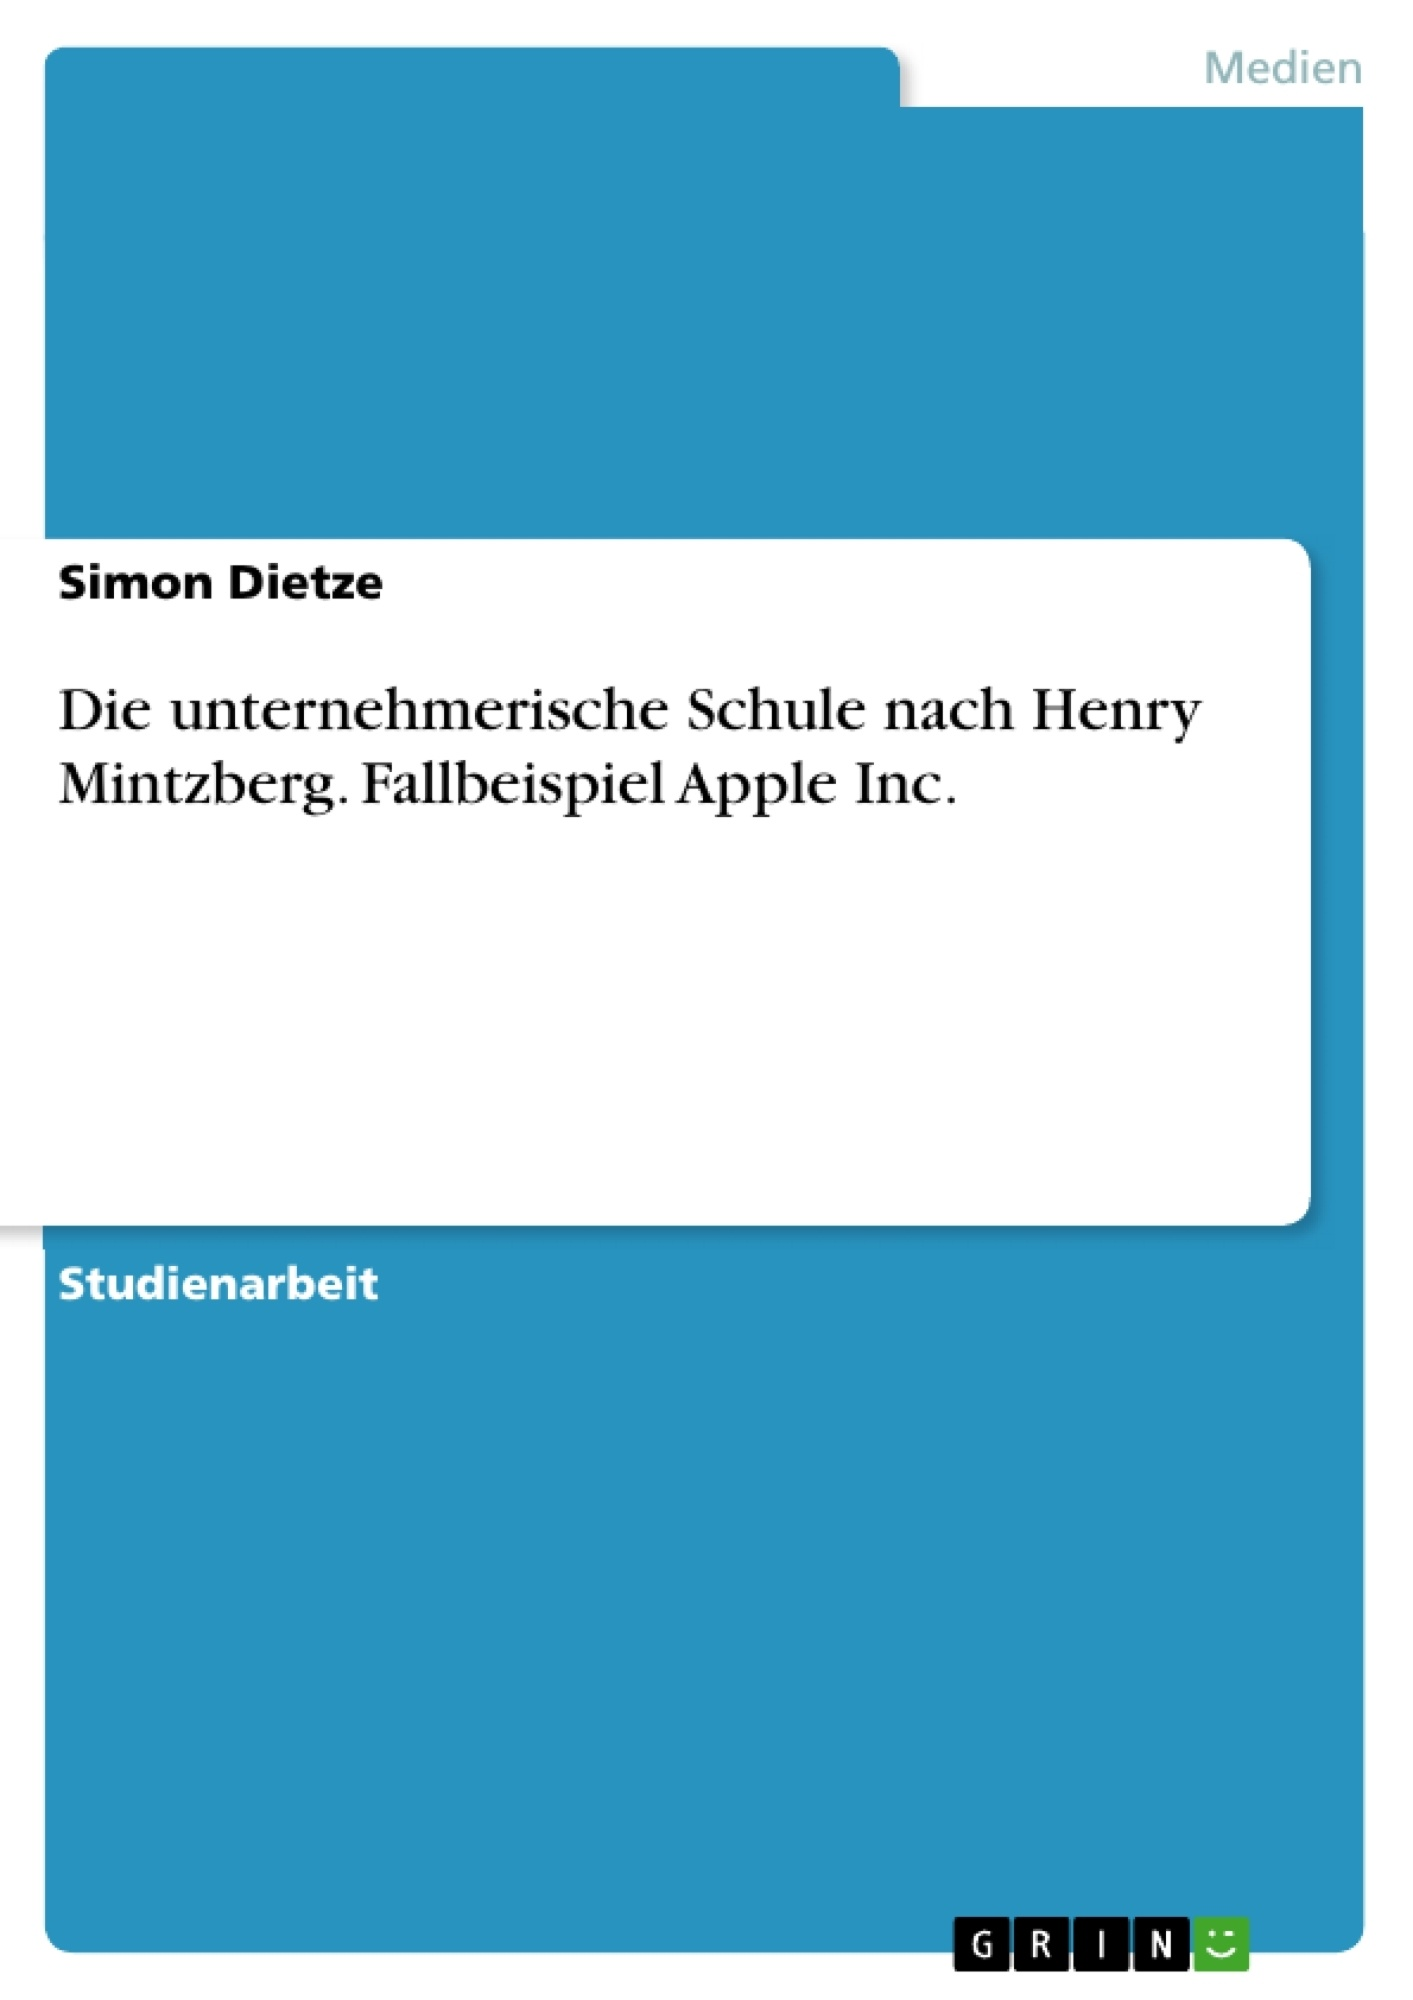 Titel: Die unternehmerische Schule nach Henry Mintzberg. Fallbeispiel Apple Inc.